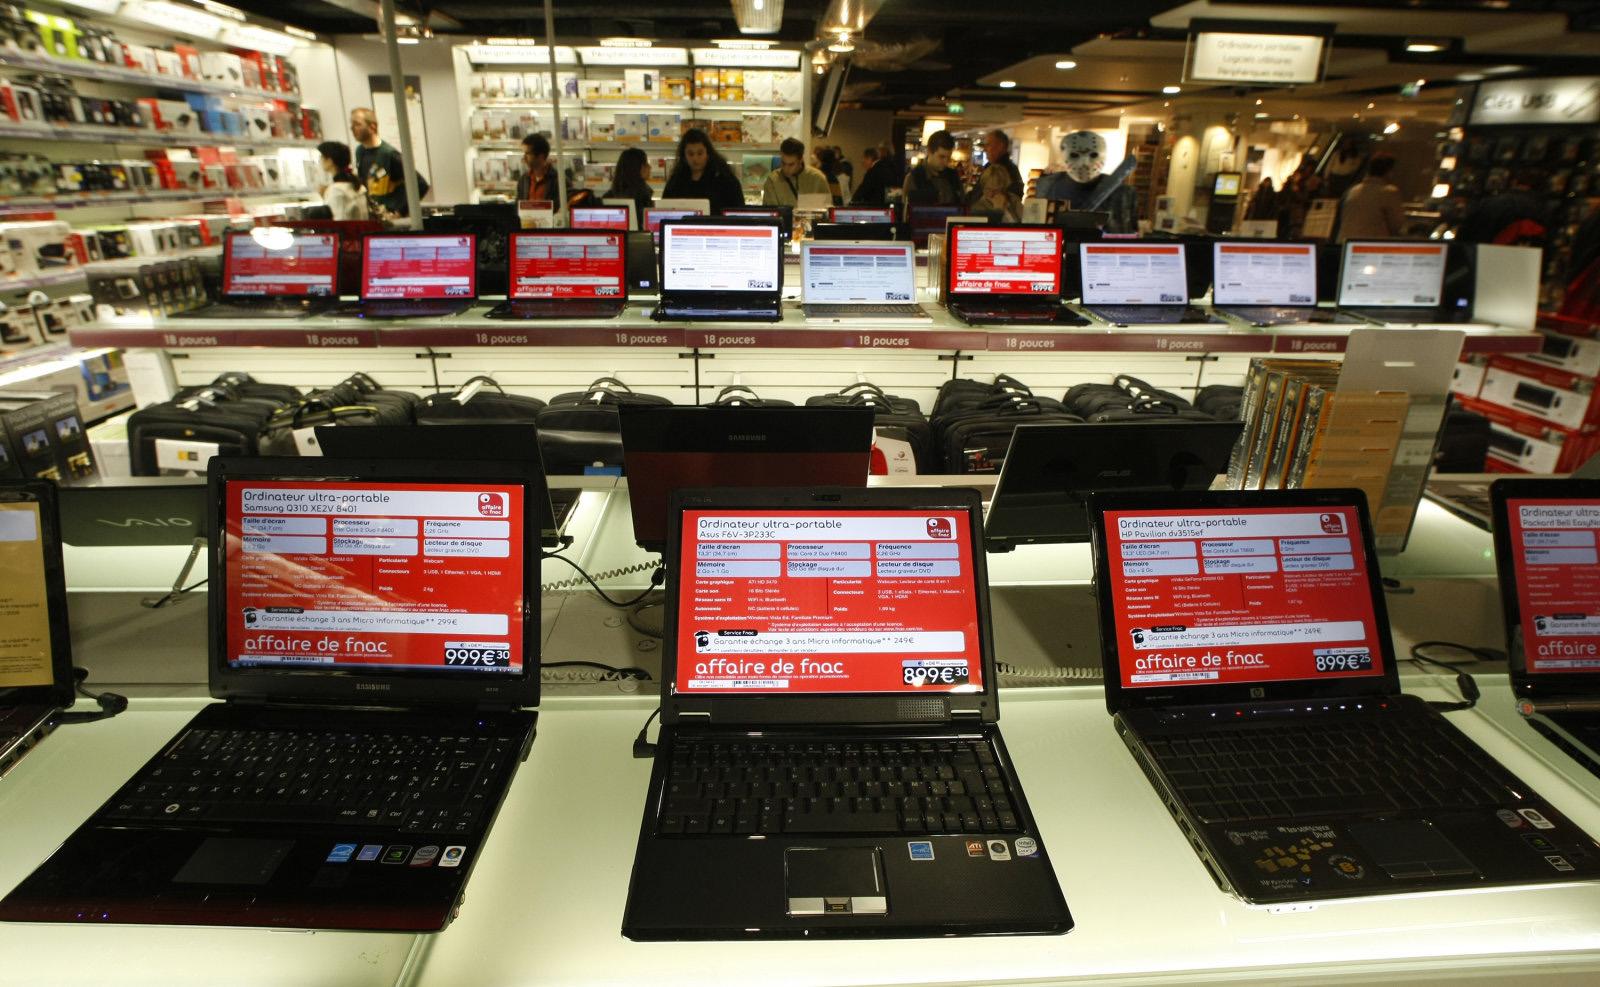 商业用户及游戏玩家推动 PC 出货量微幅成长